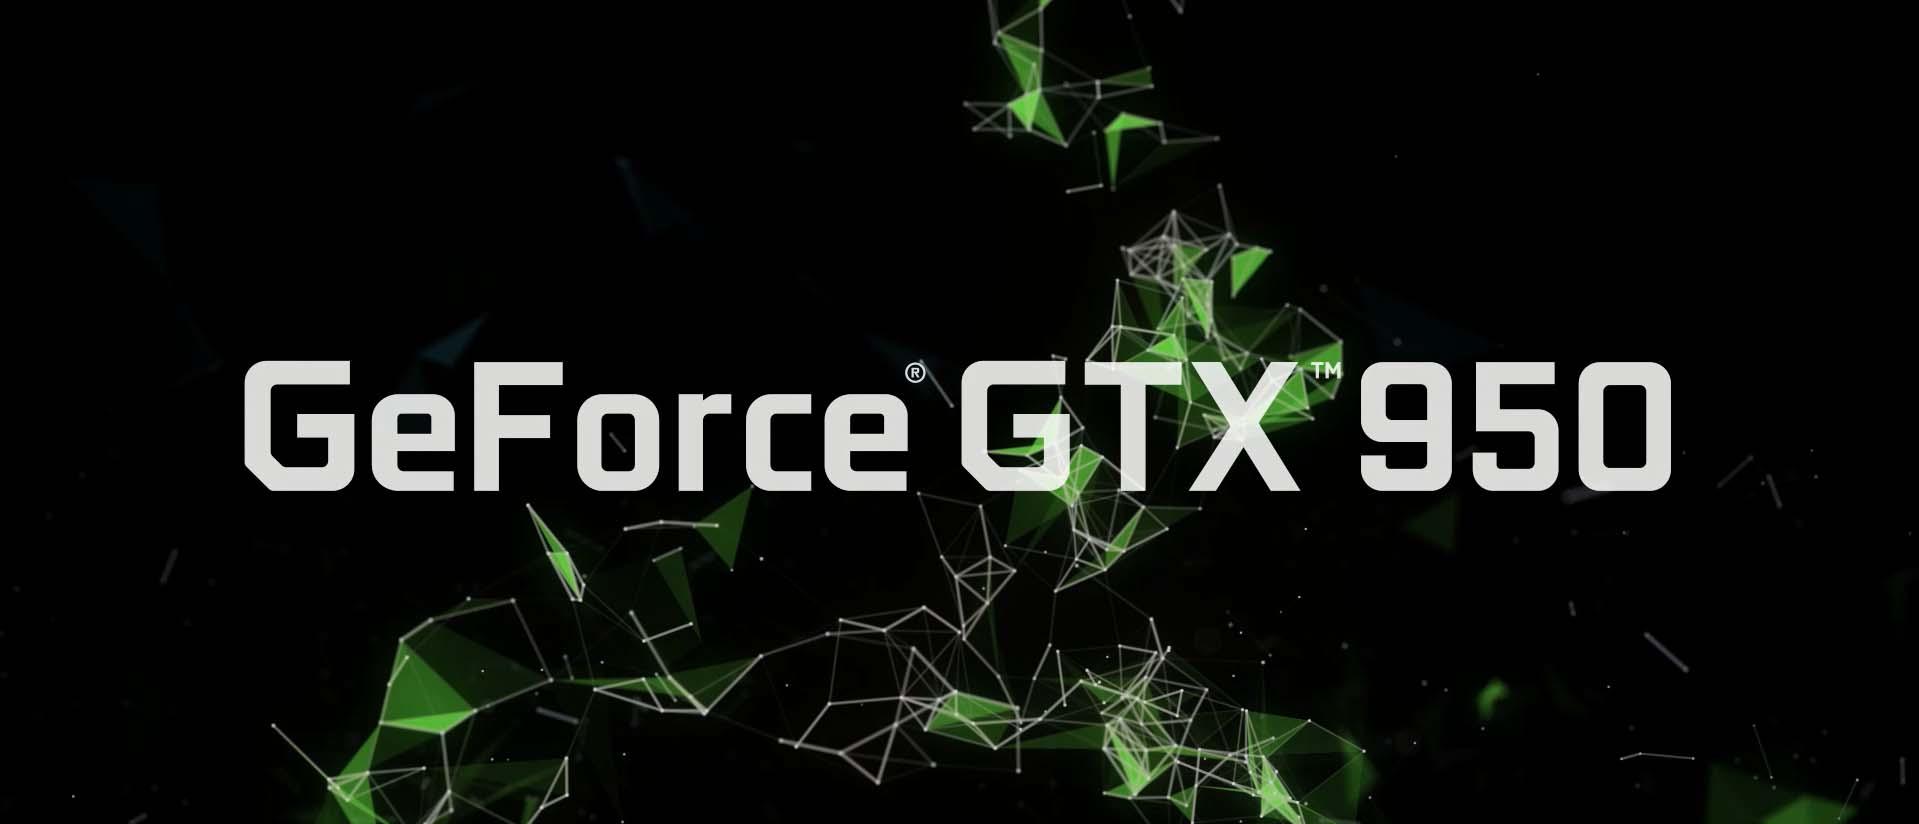 Spremni za bitku: Dostignite vrhunac performansi u MOBA gejmingu s novom GeForce GTX 950 grafičkom karticom